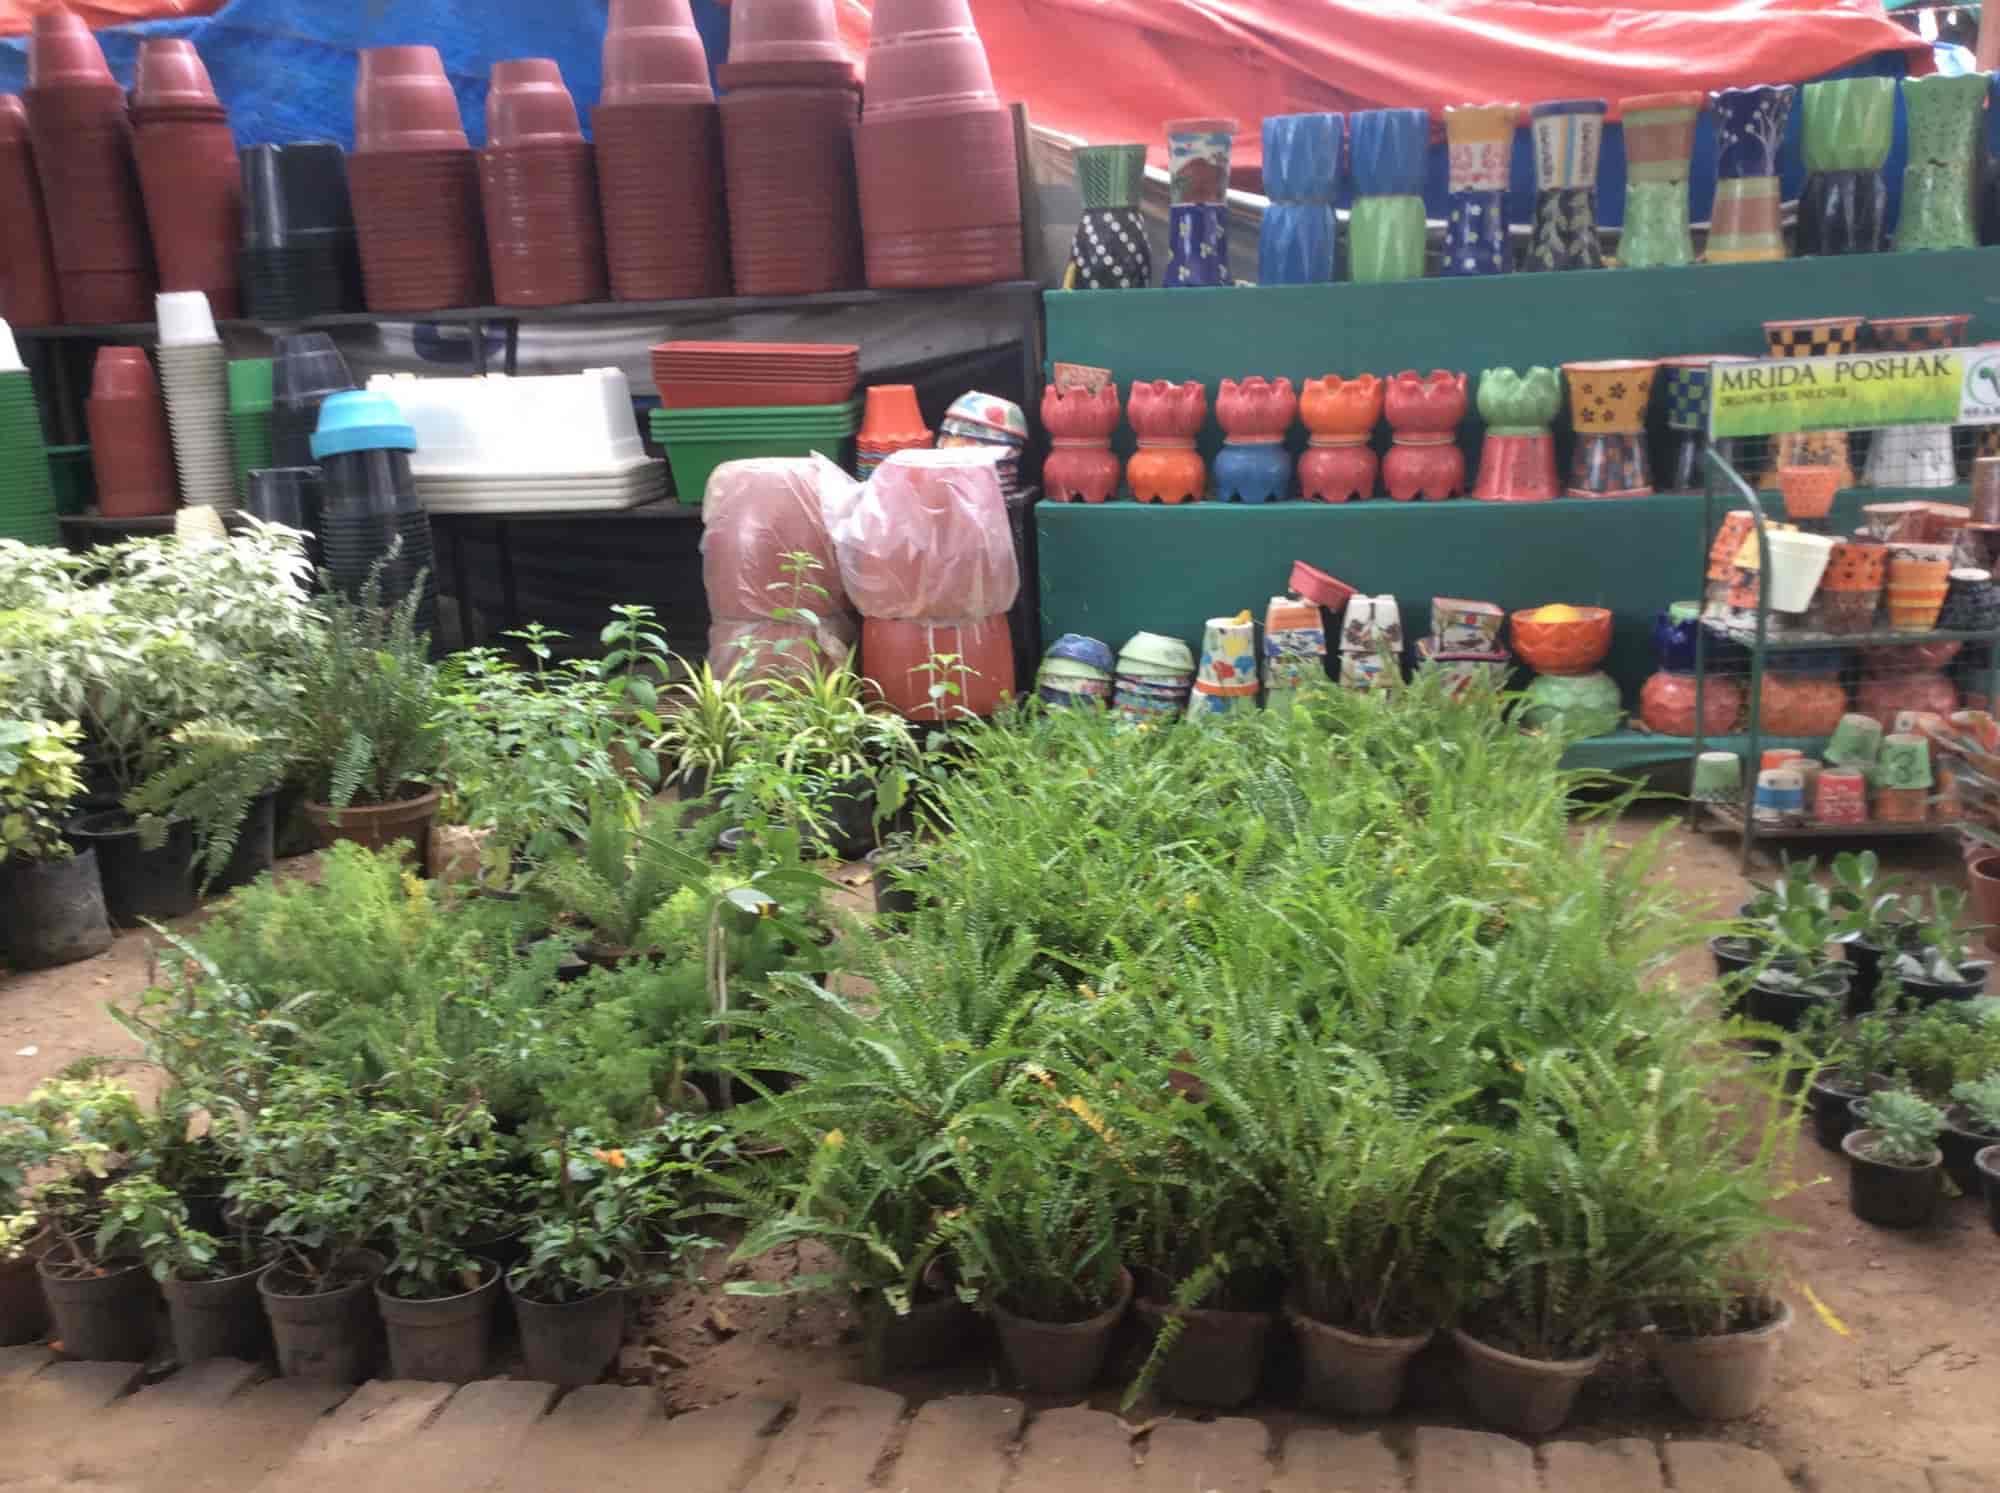 india evergreen nursery, sikanderpur ghosi - plant nurseries in